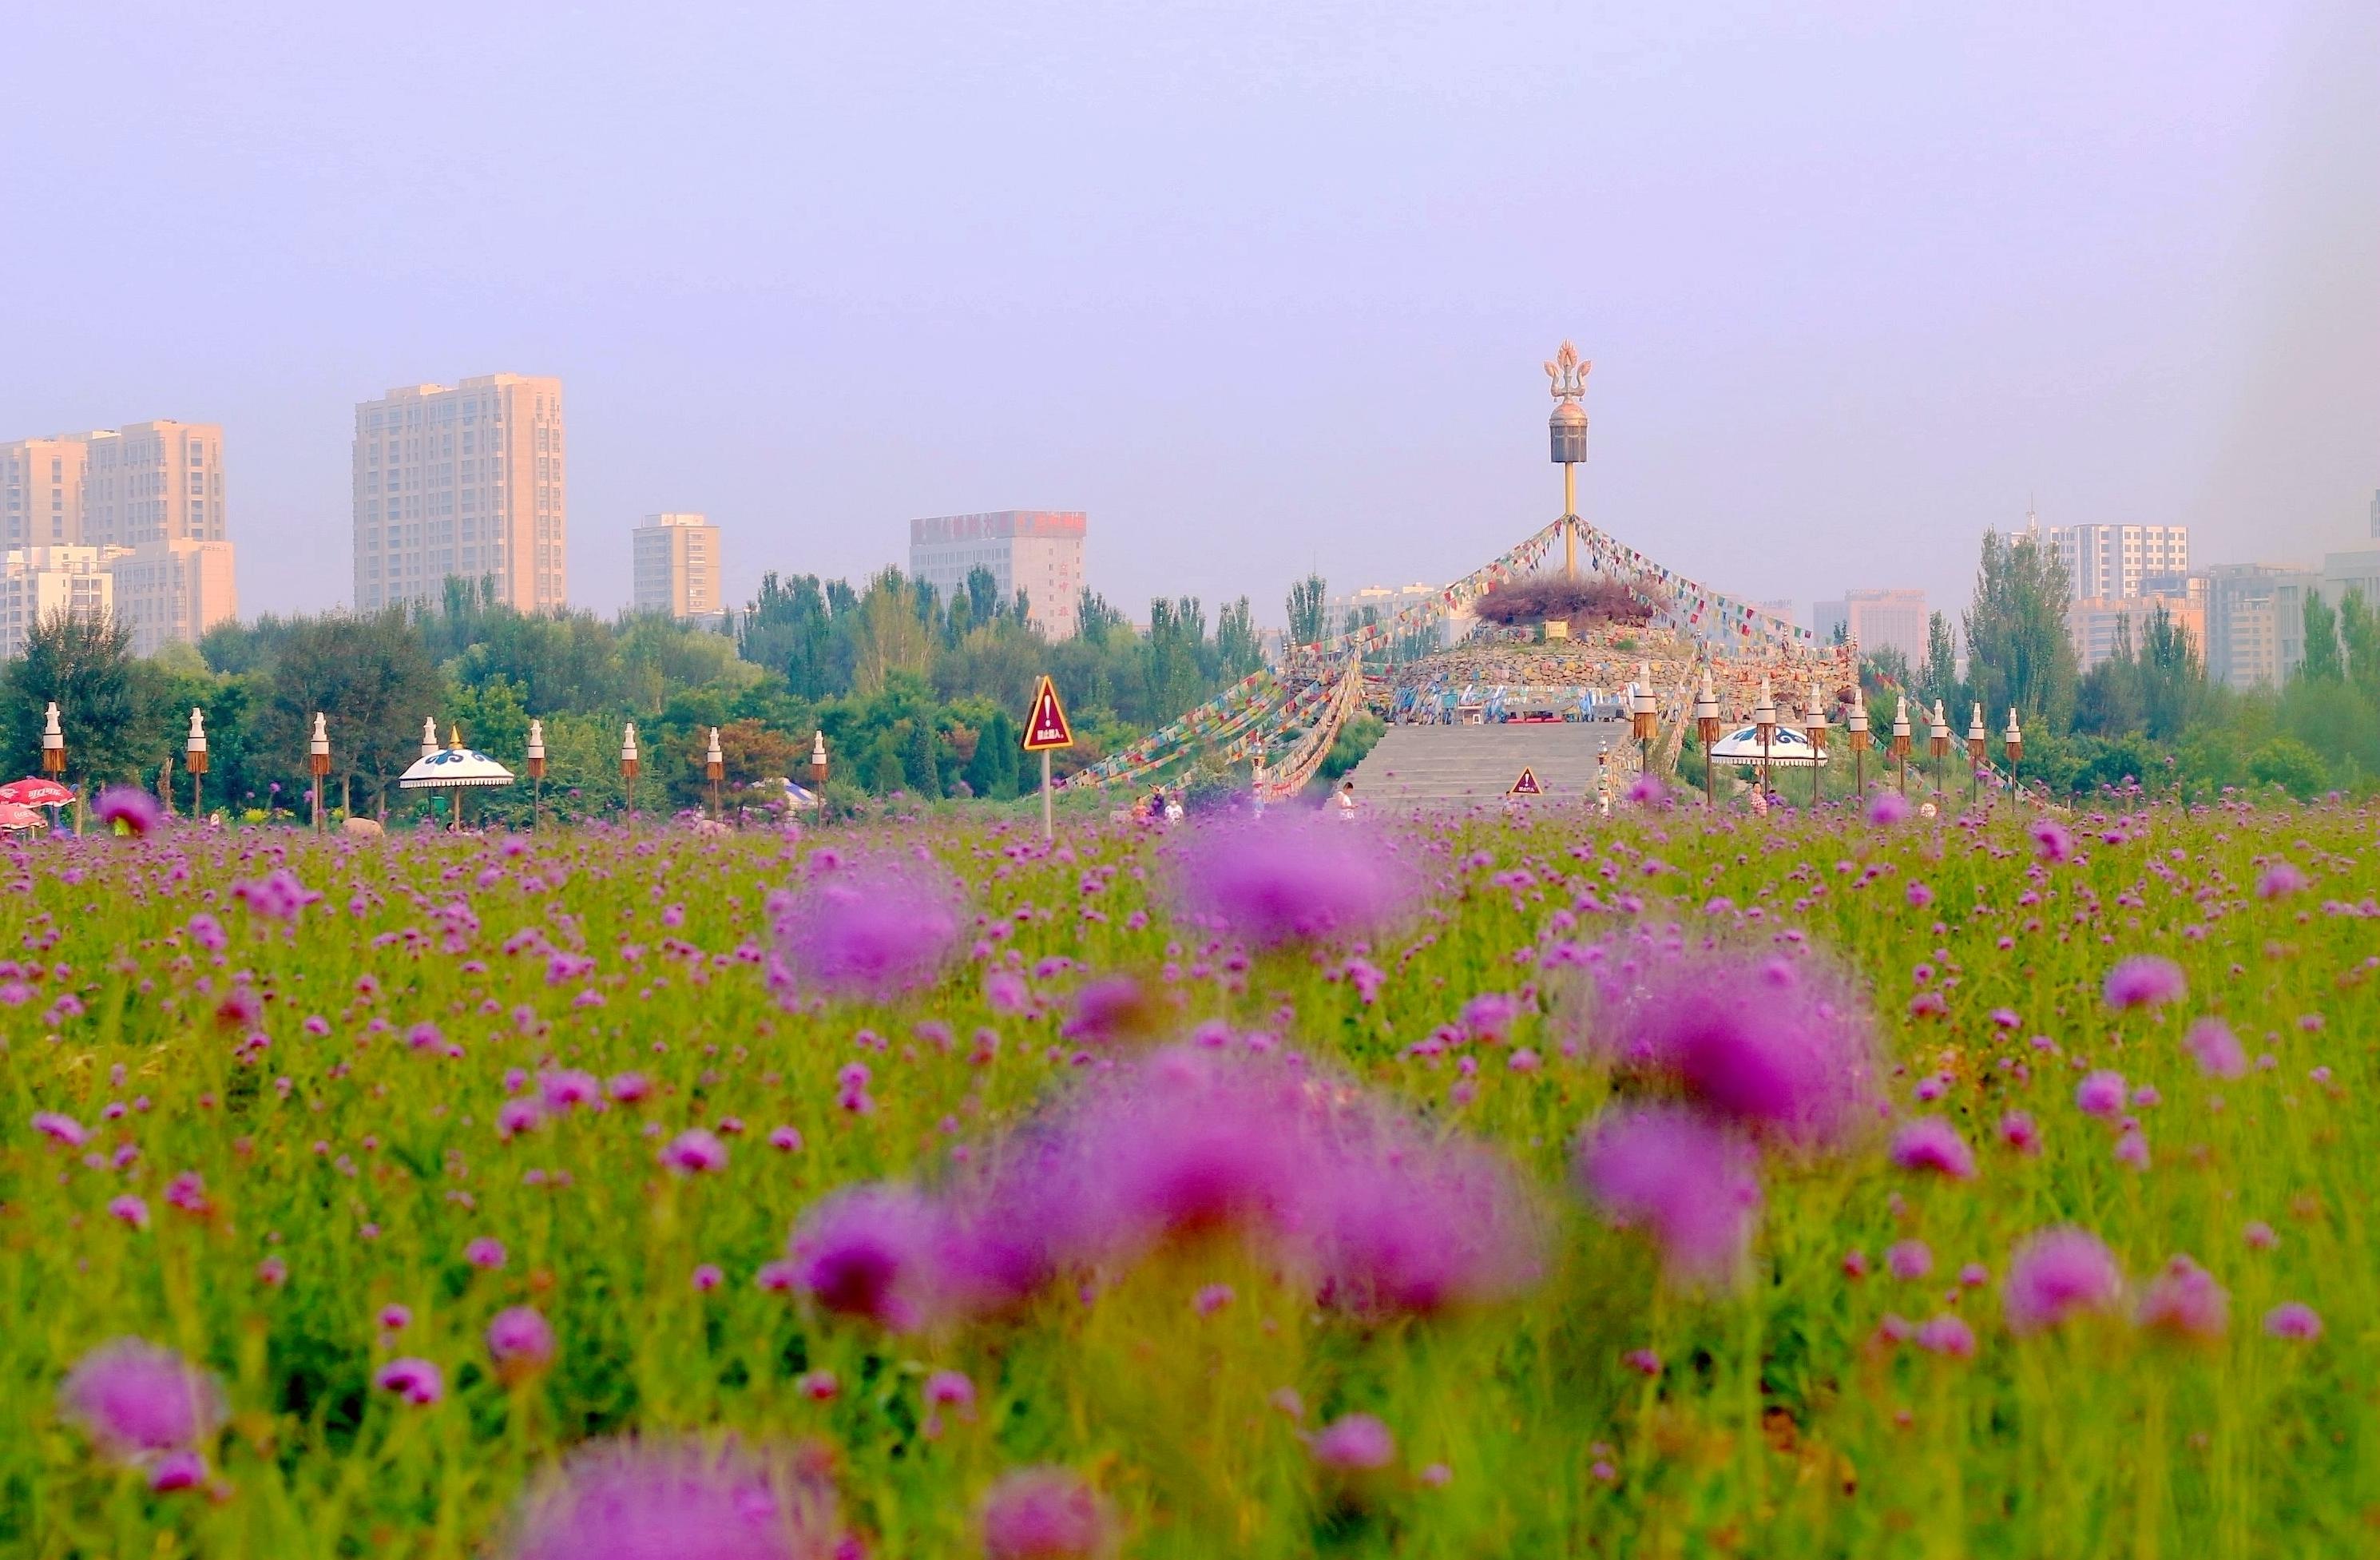 【新闻学子重走西北角】日出前后的赛罕塔拉城中草原(组图)